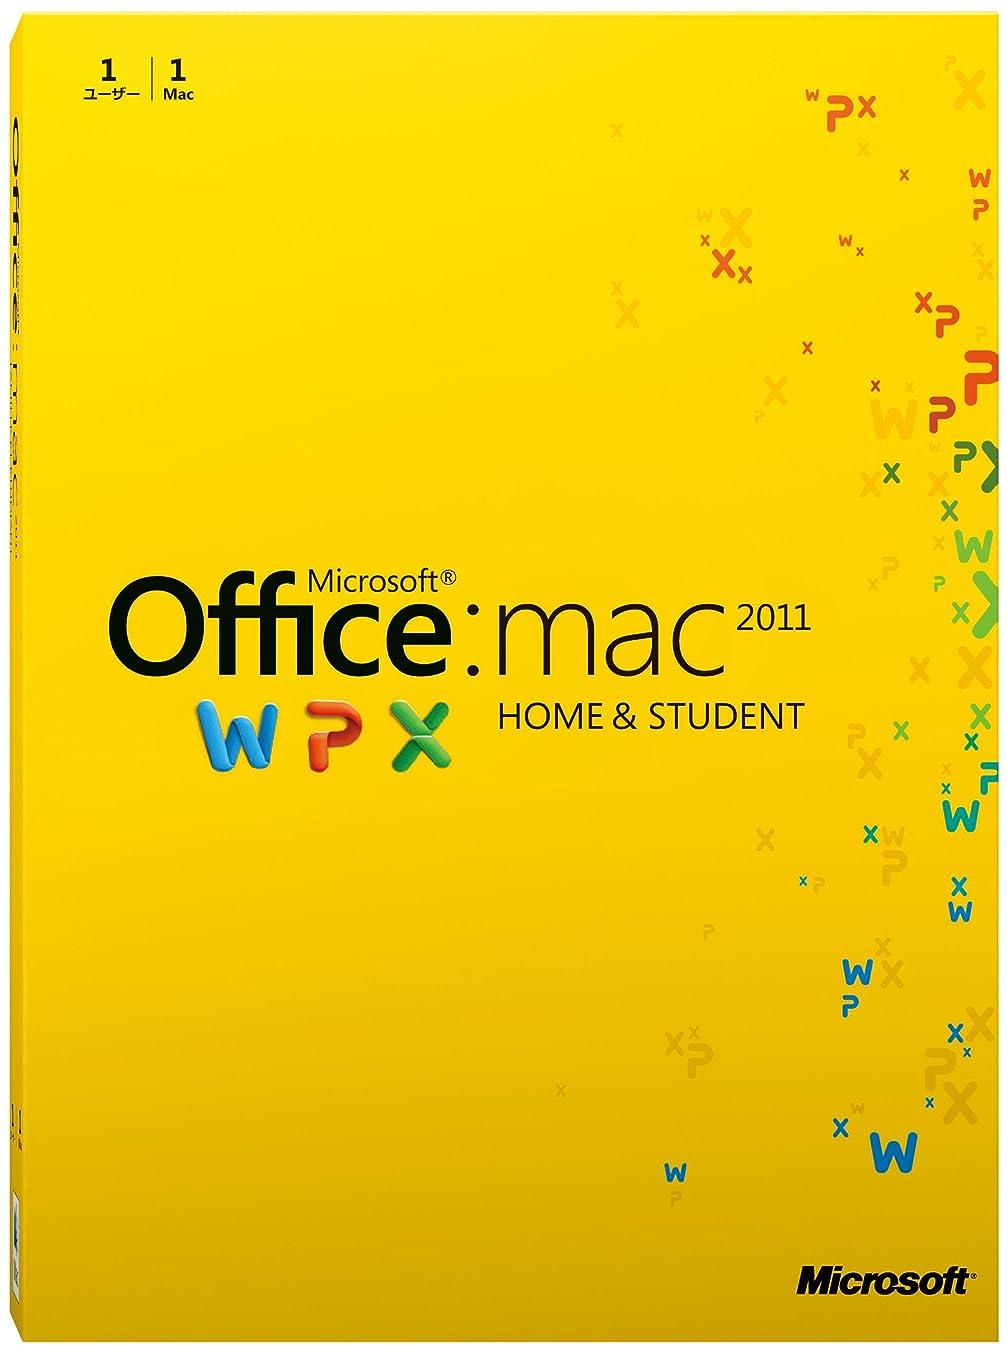 ランク脊椎ハーブ【旧商品】Microsoft Office for Mac Home and Student 2011-1 パック